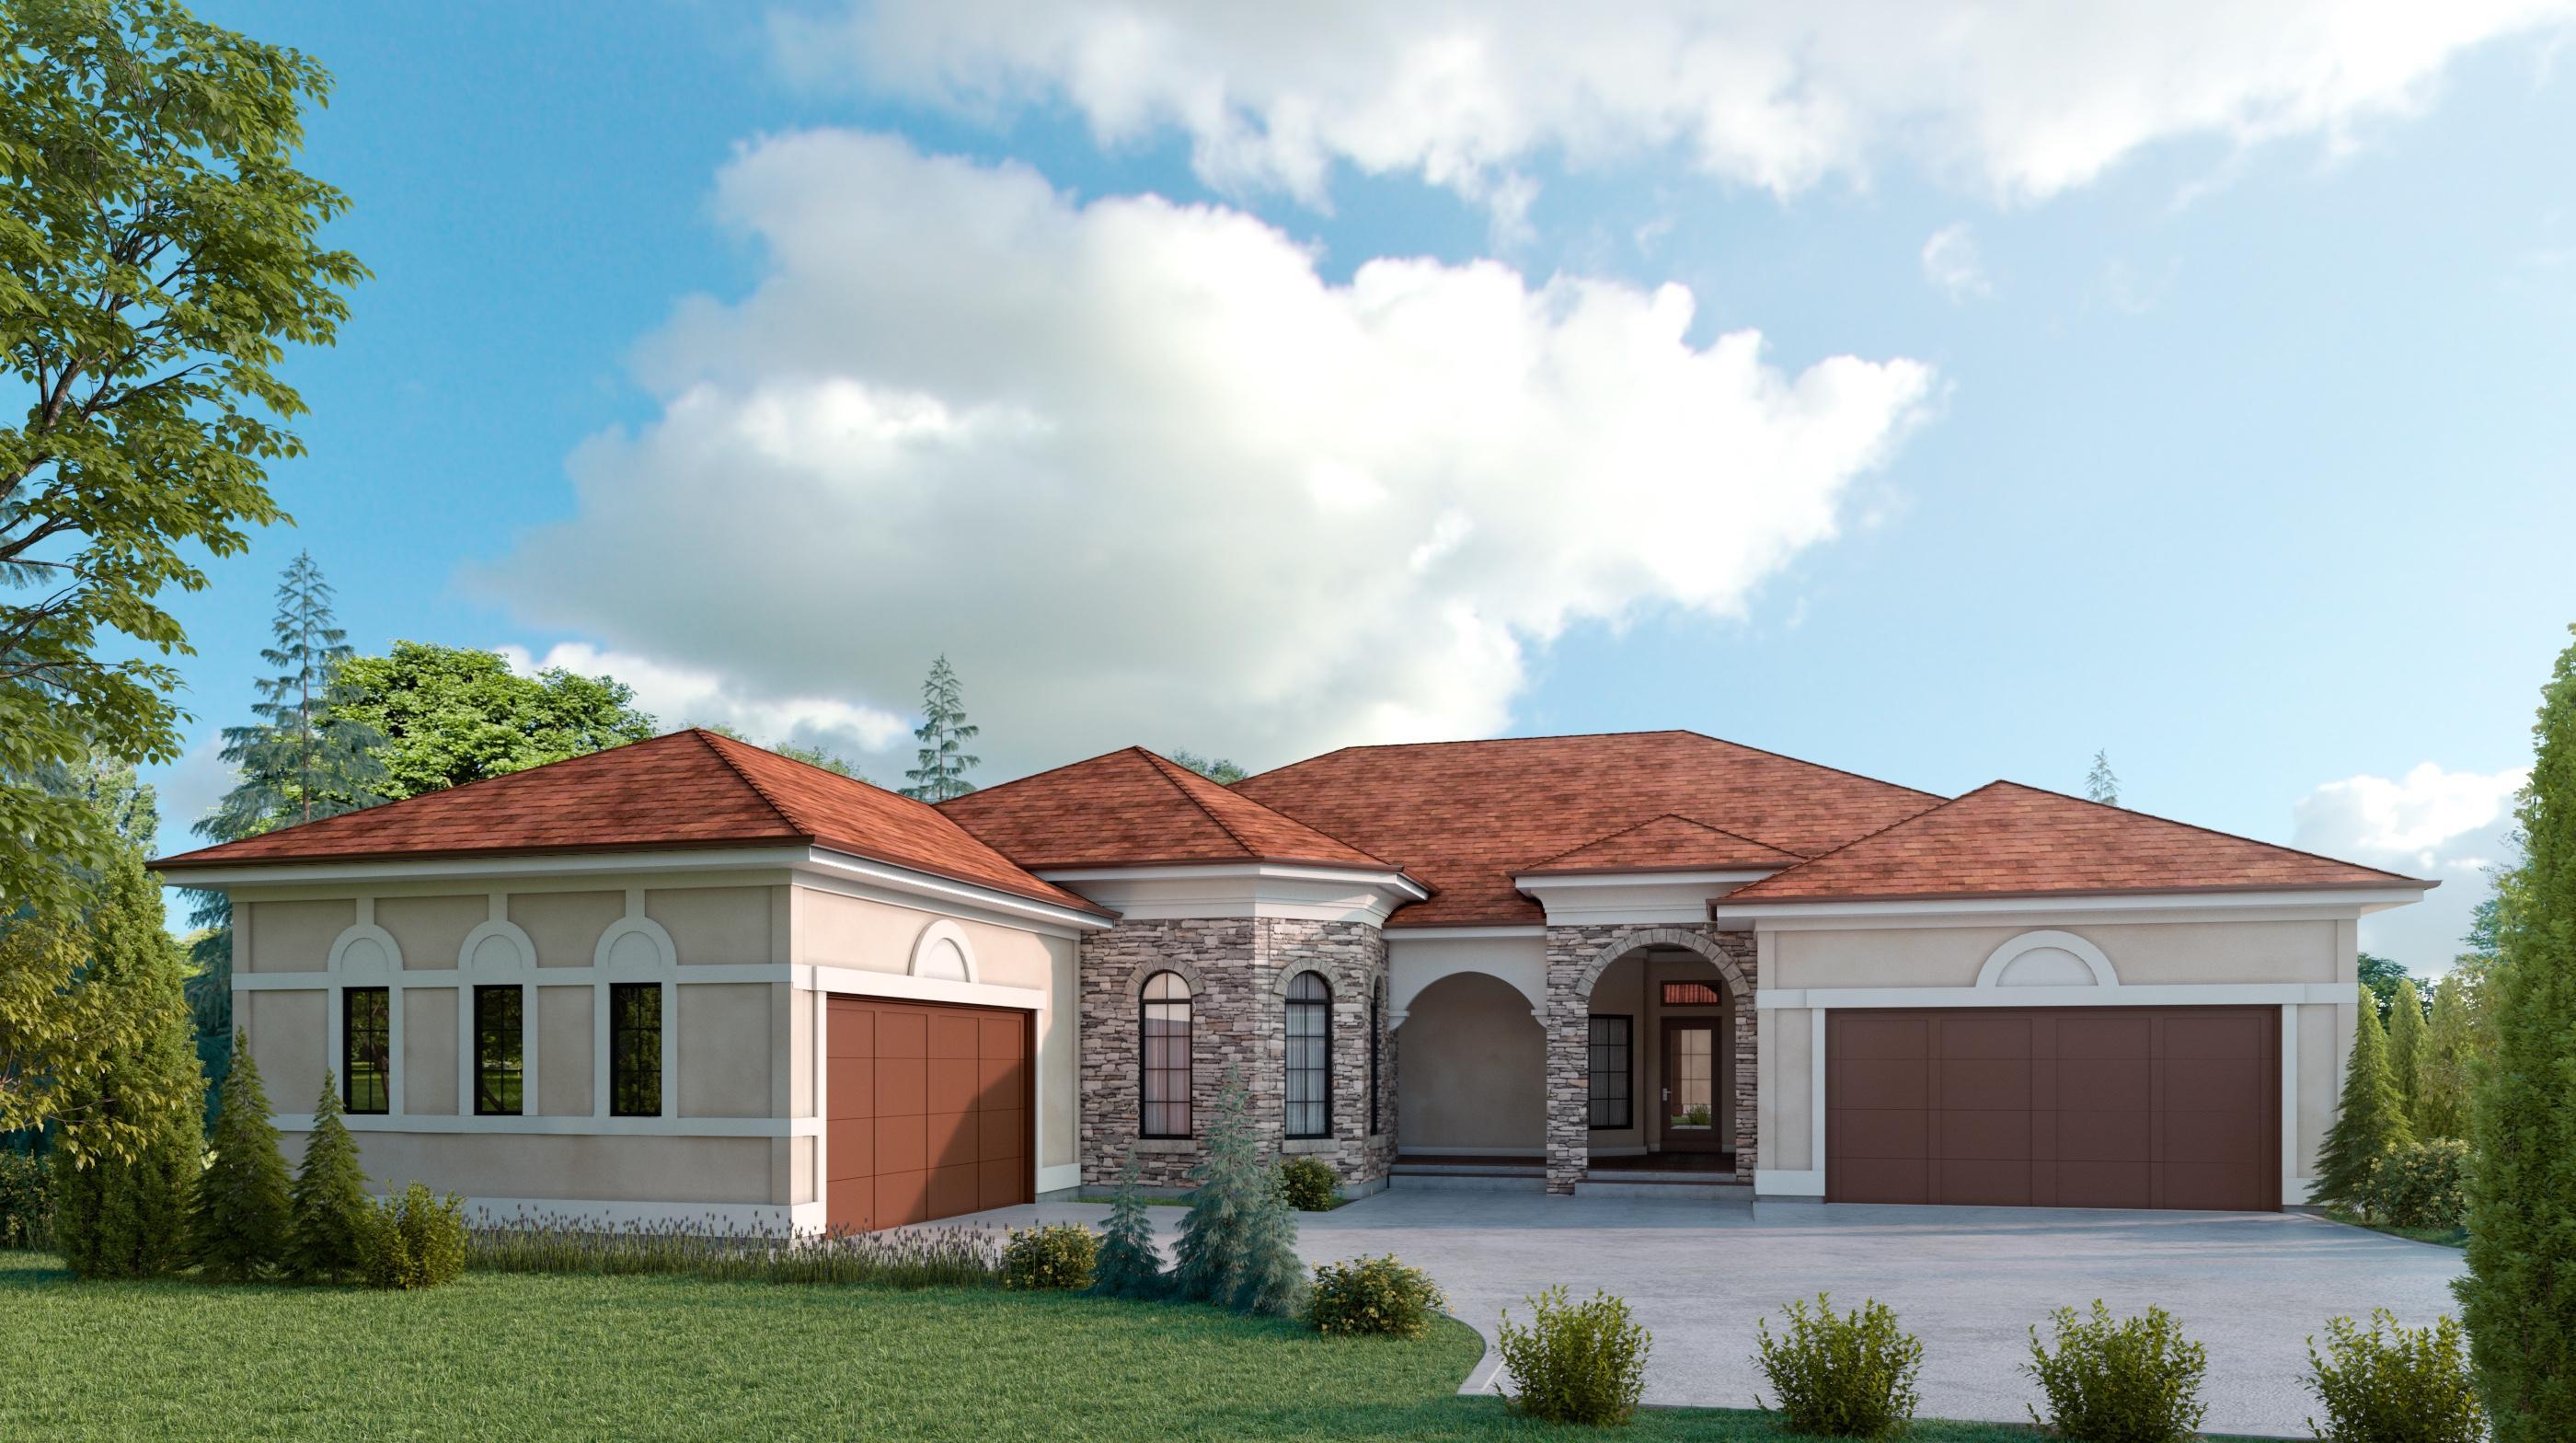 1635 Toscano Ter, Oconomowoc, Wisconsin 53066, 2 Bedrooms Bedrooms, ,2 BathroomsBathrooms,Condominiums,For Sale,Toscano Ter,1,1706955